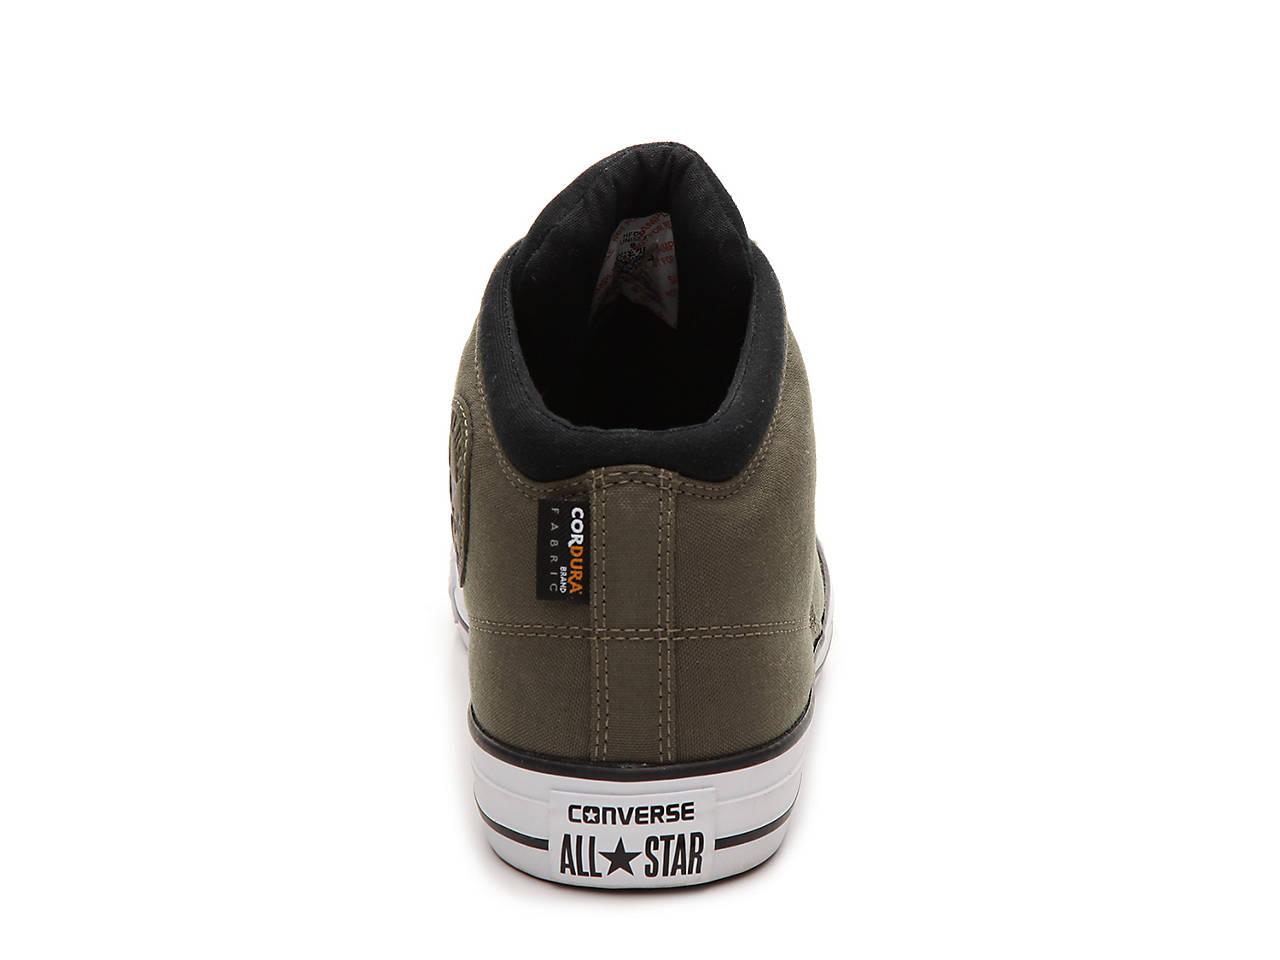 cfeeddbde29 previous. Chuck Taylor All Star Street Cordura High-Top Sneaker ...